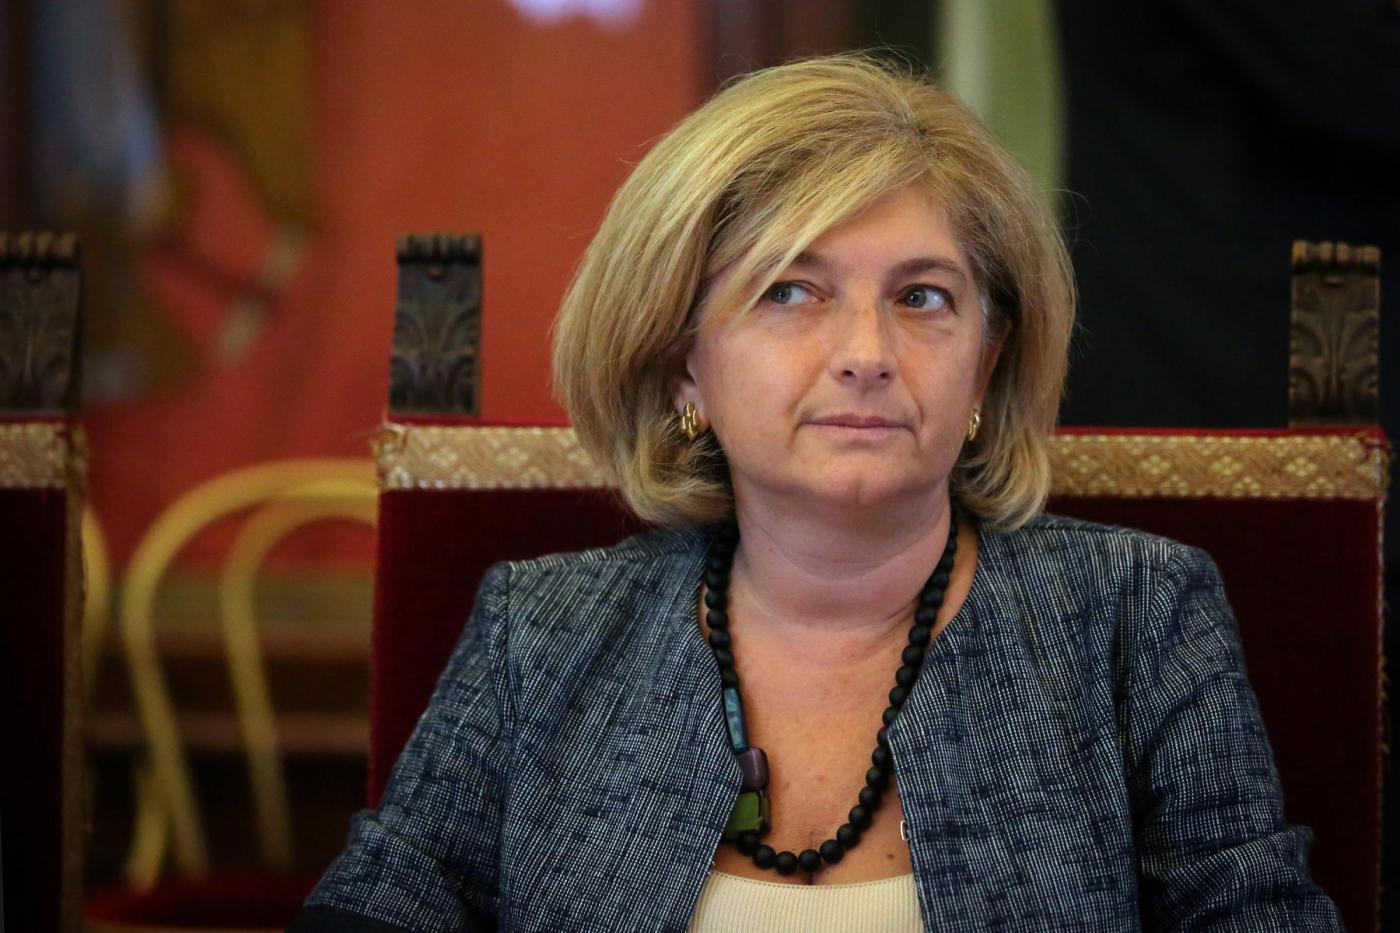 Rifiuti Roma, caso Muraro: indagata per abuso d'ufficio con l'uomo di Mafia Capitale